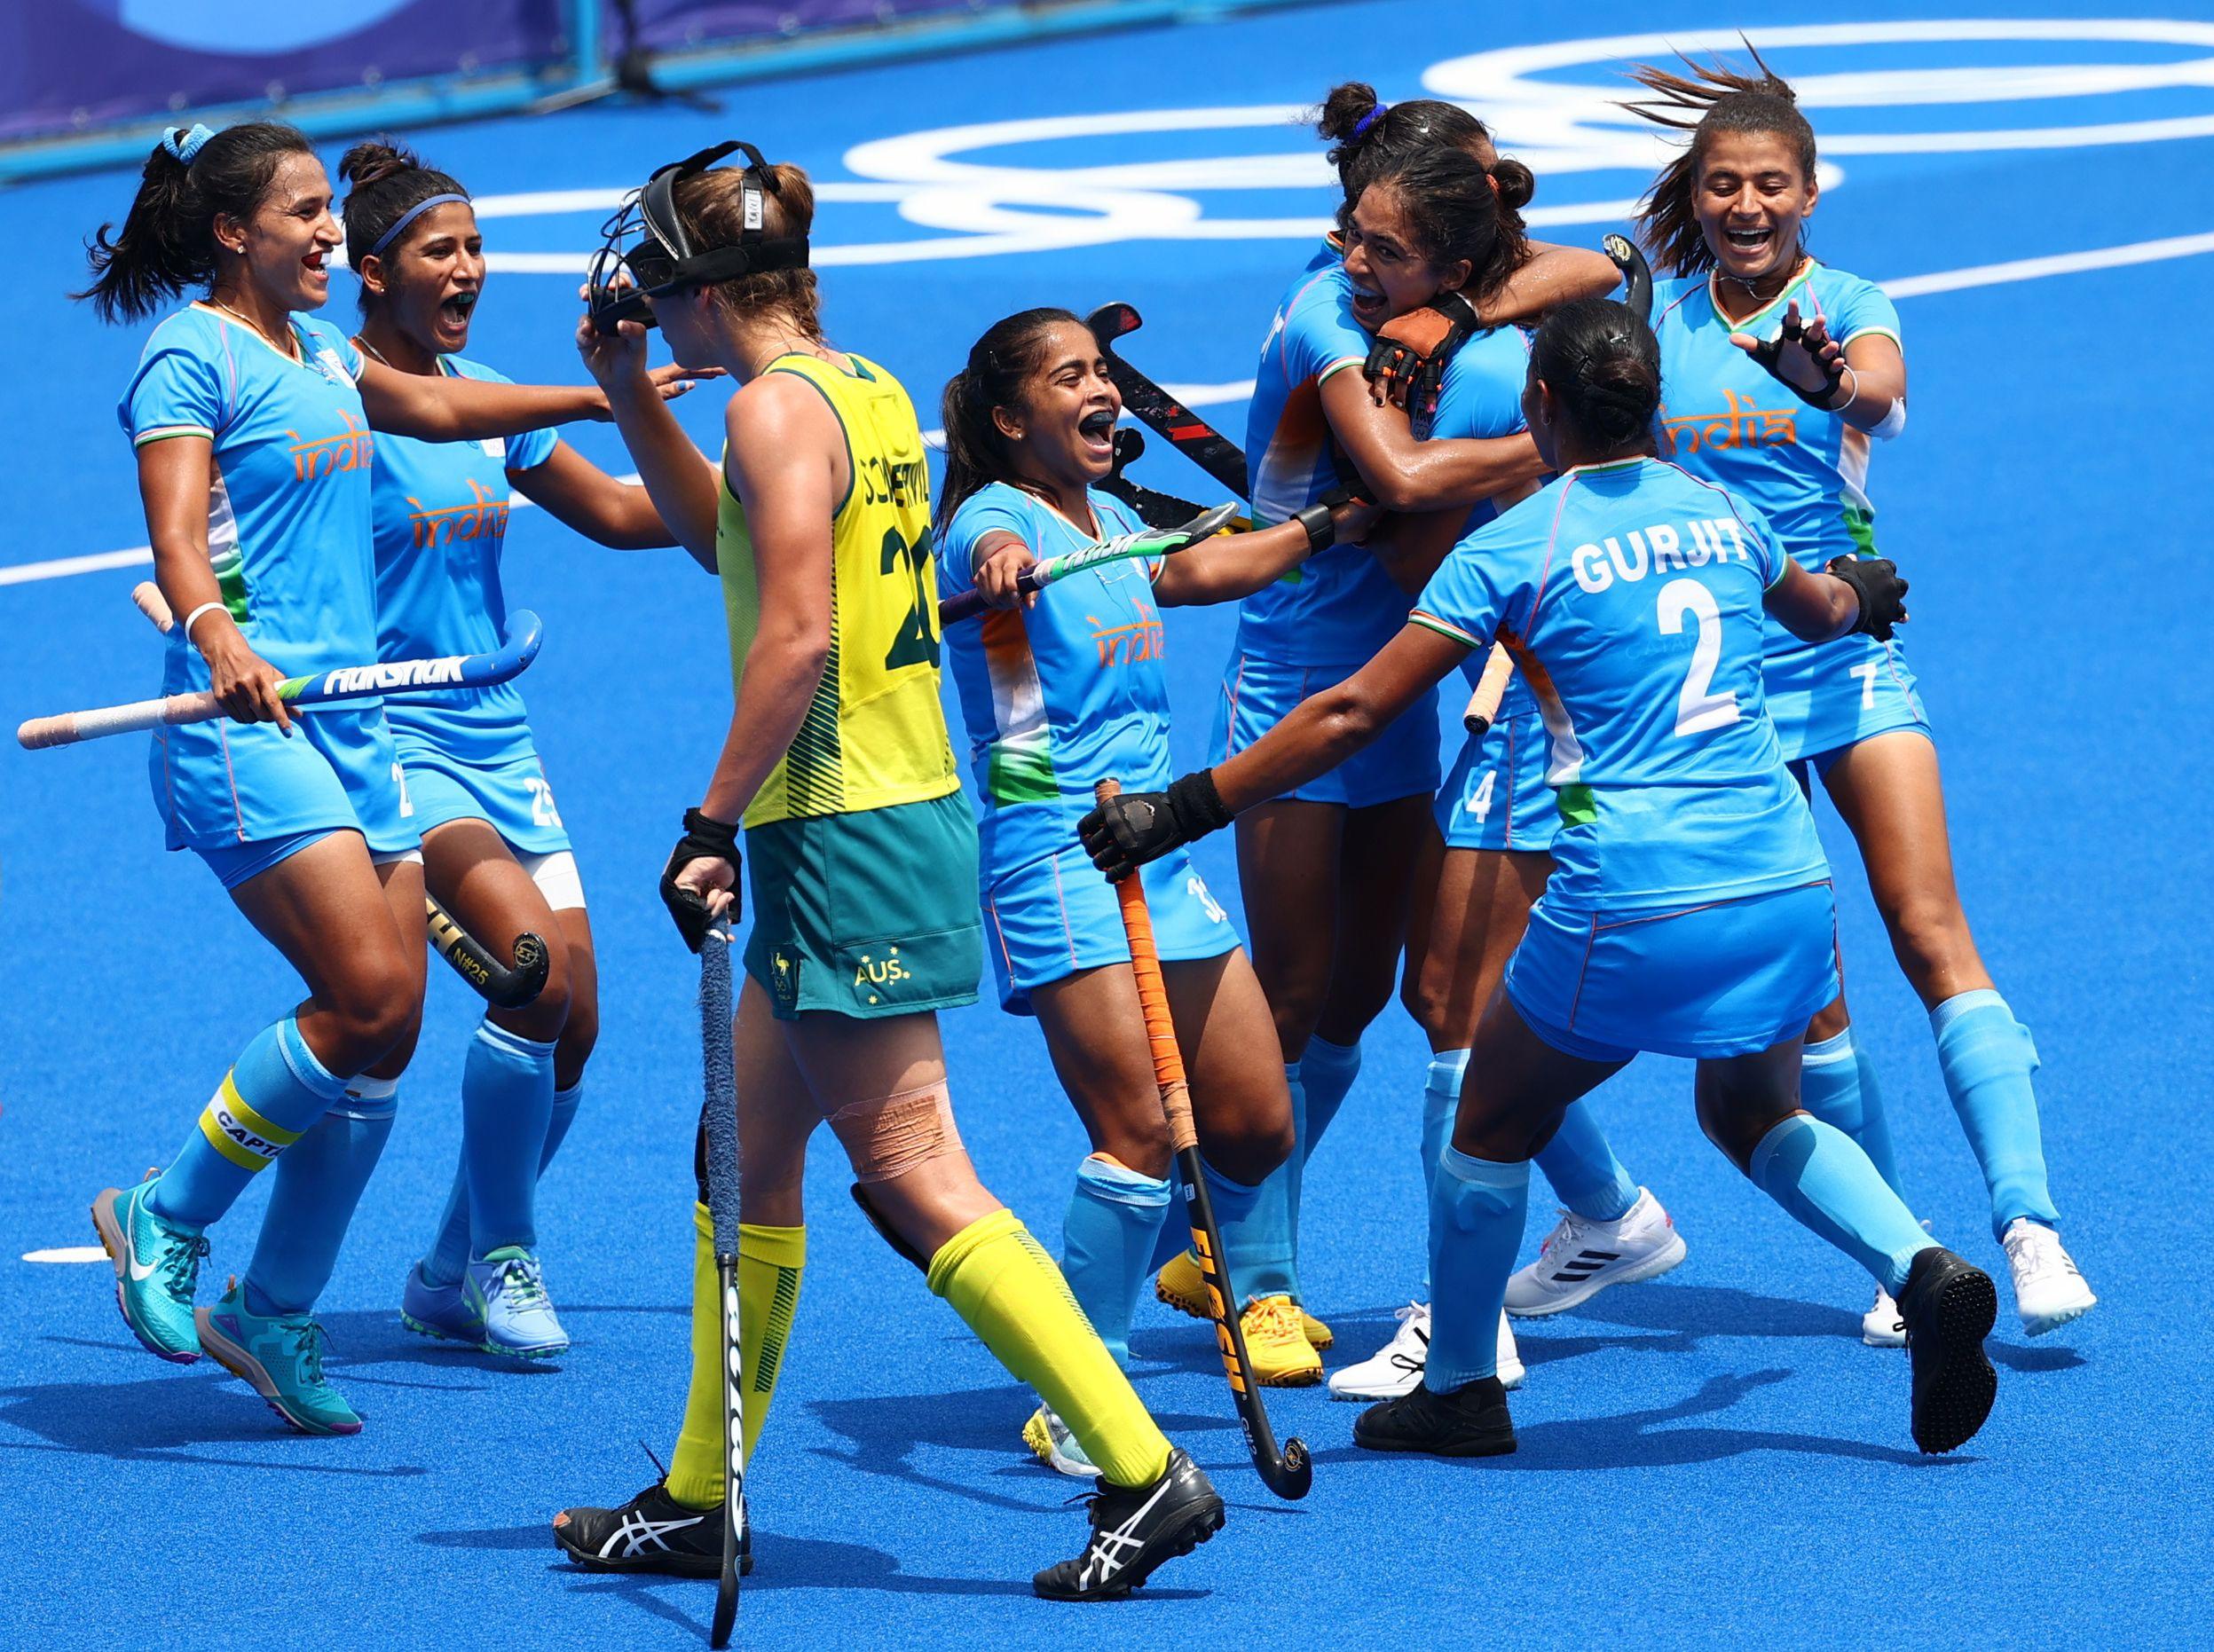 भारतीय महिला टीम ने 3 बार की ओलिंपिक चैंपियन ऑस्ट्रेलिया को क्वार्टर फाइनल में हराया था।